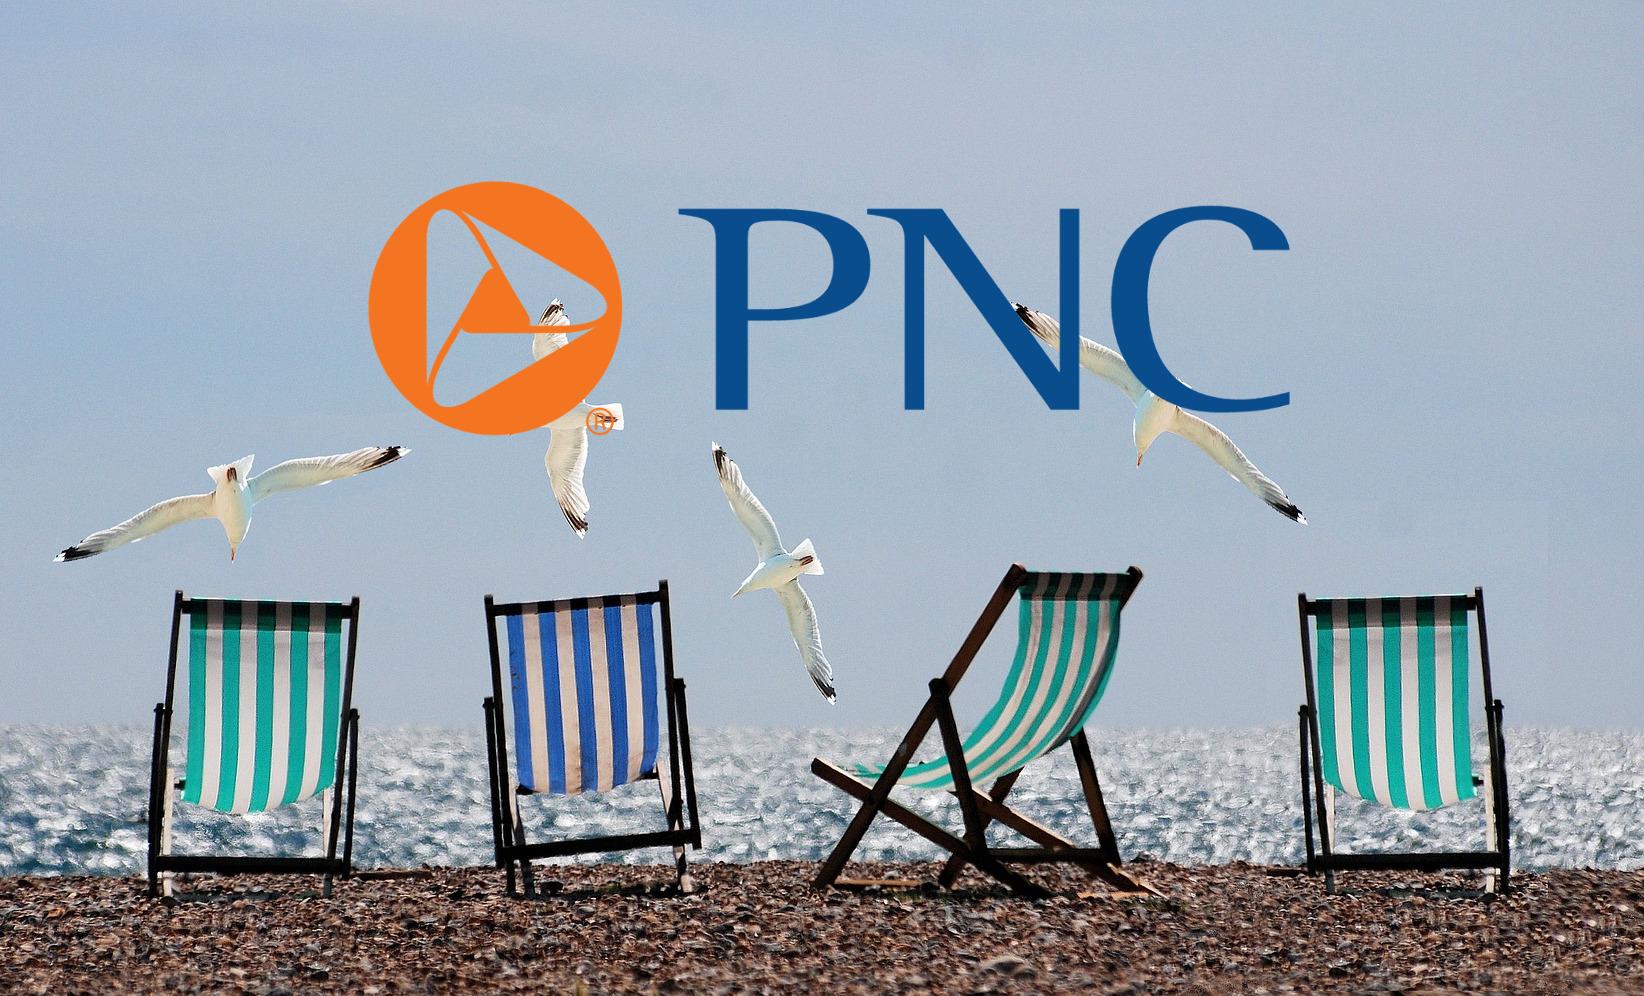 PNC Bank Promotions: $50 To $300 Checking, Savings, Business Bonuses